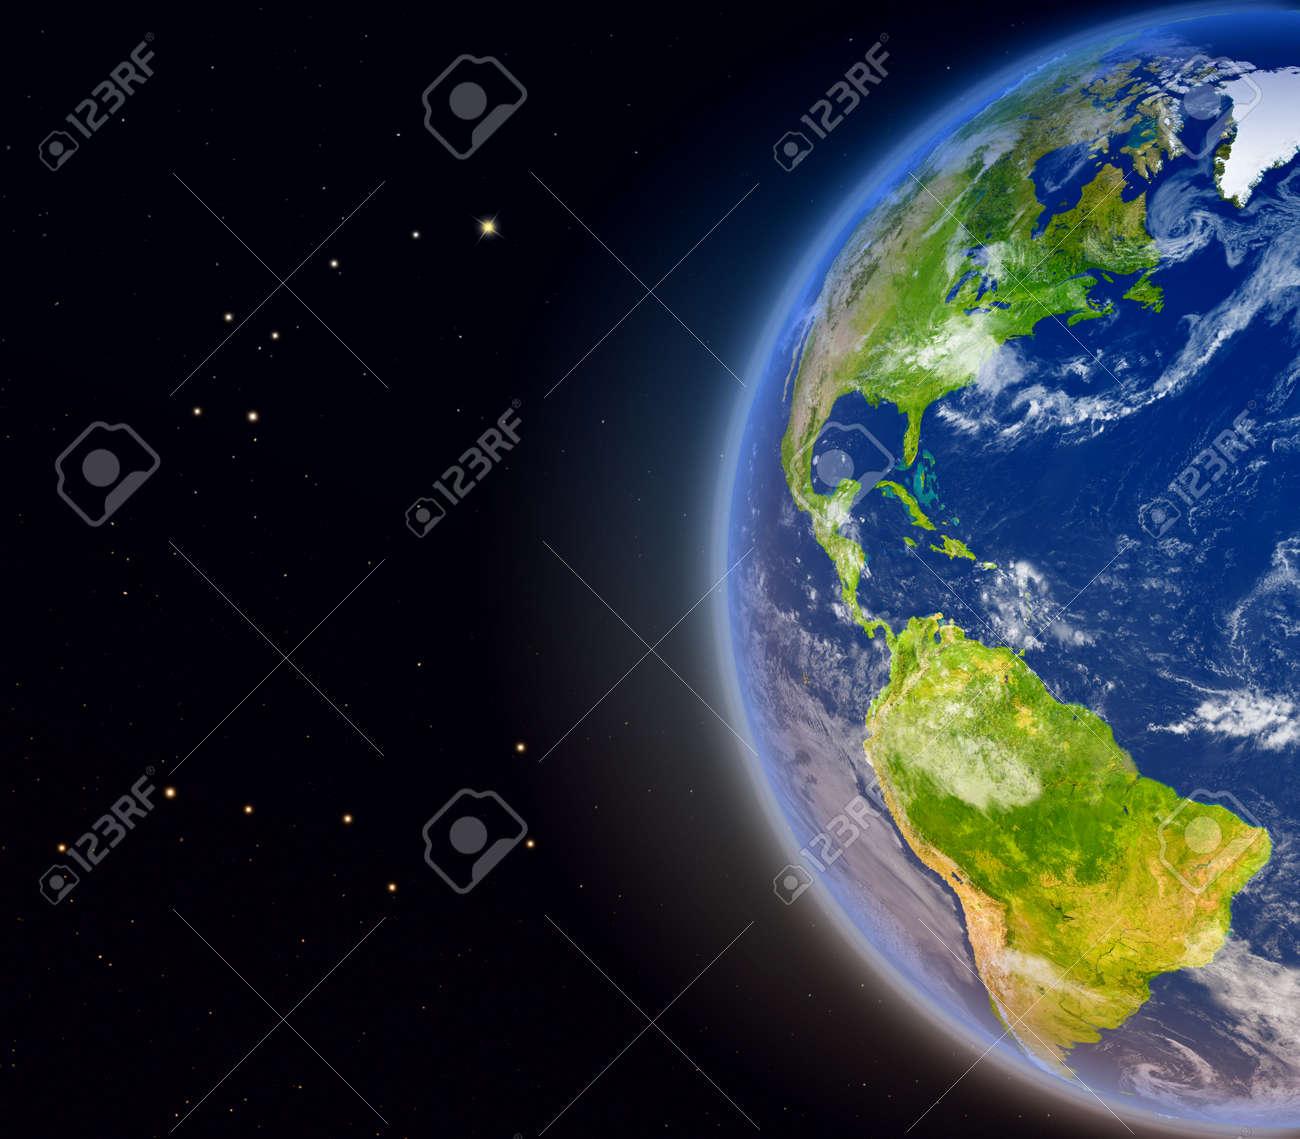 Vista Satelital De Las Américas En El Planeta Tierra Ilustración 3d